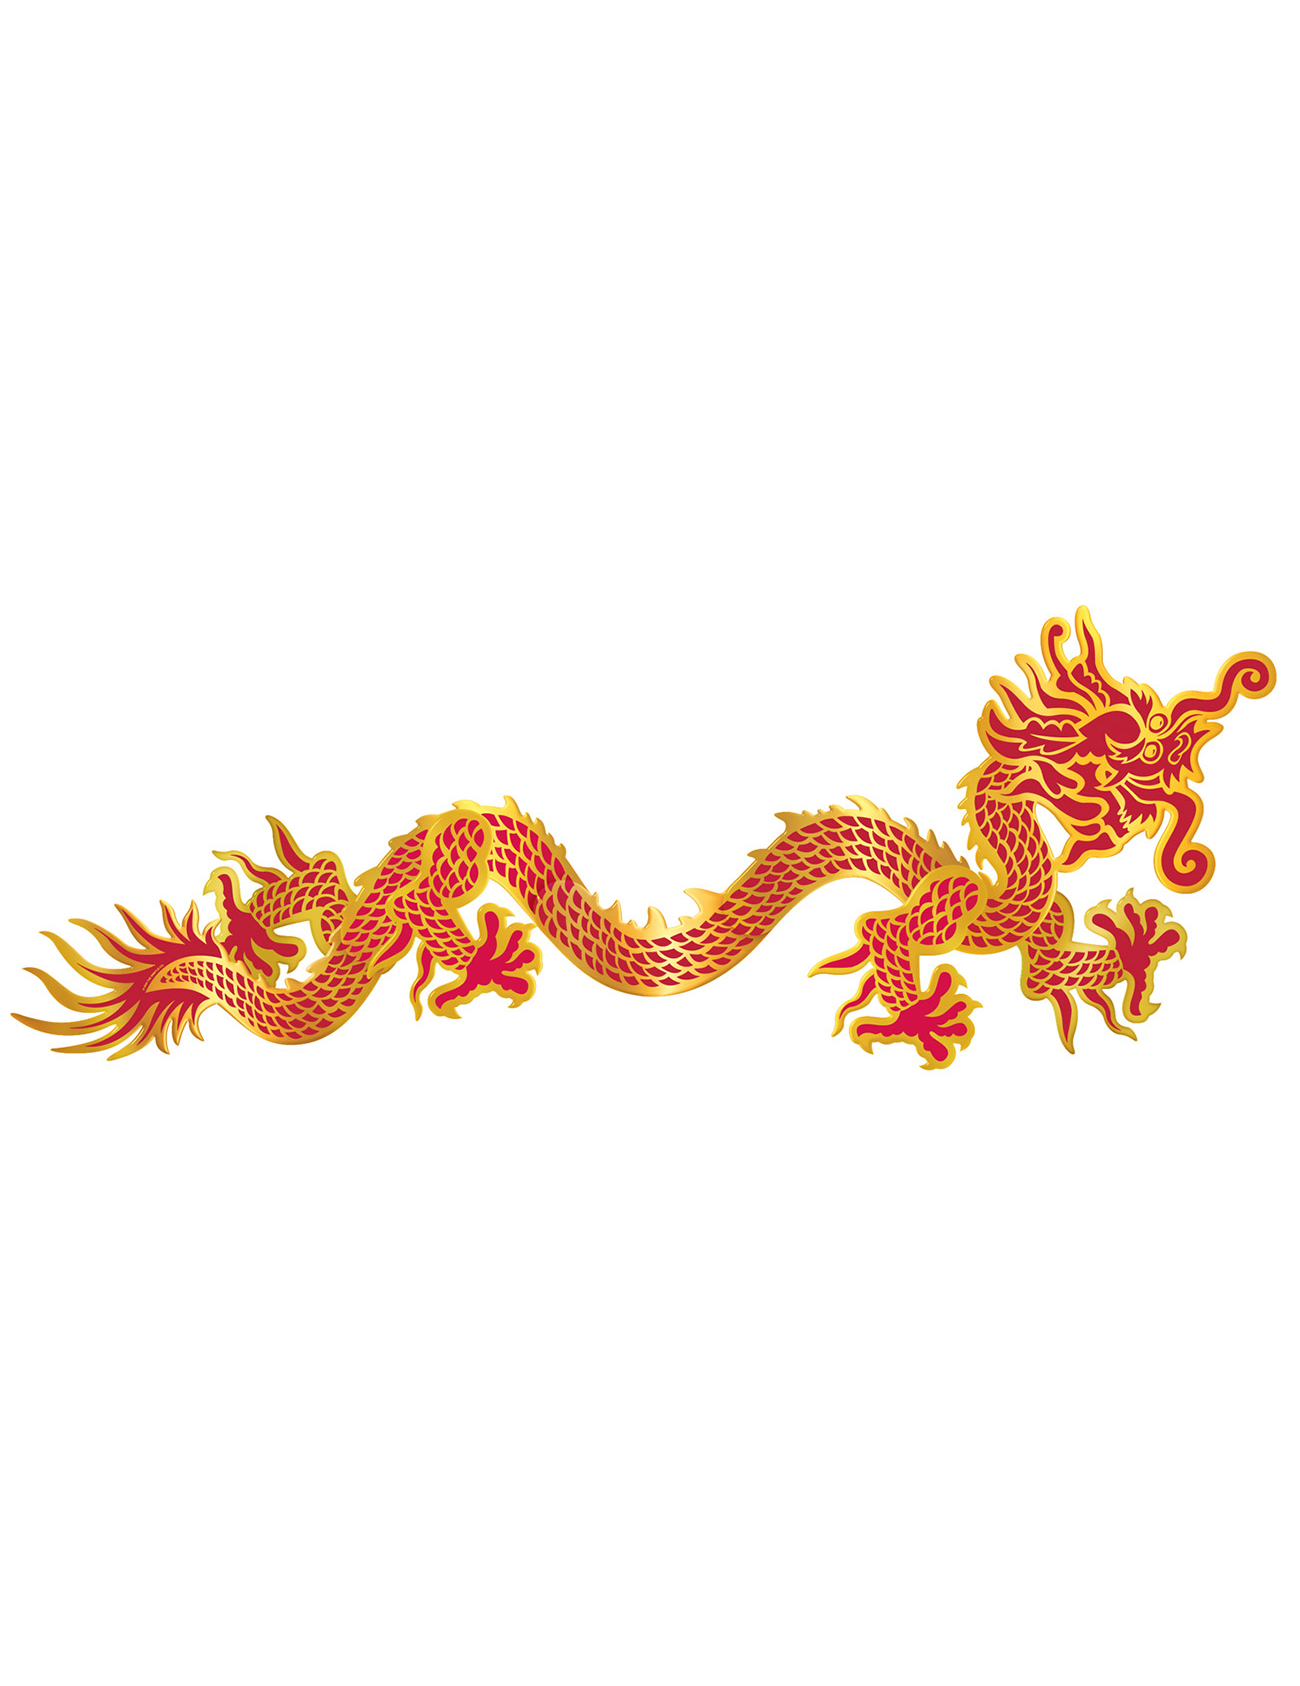 D coration murale dragon rouge et or nouvel an chinois for Decoration nouvel an chinois